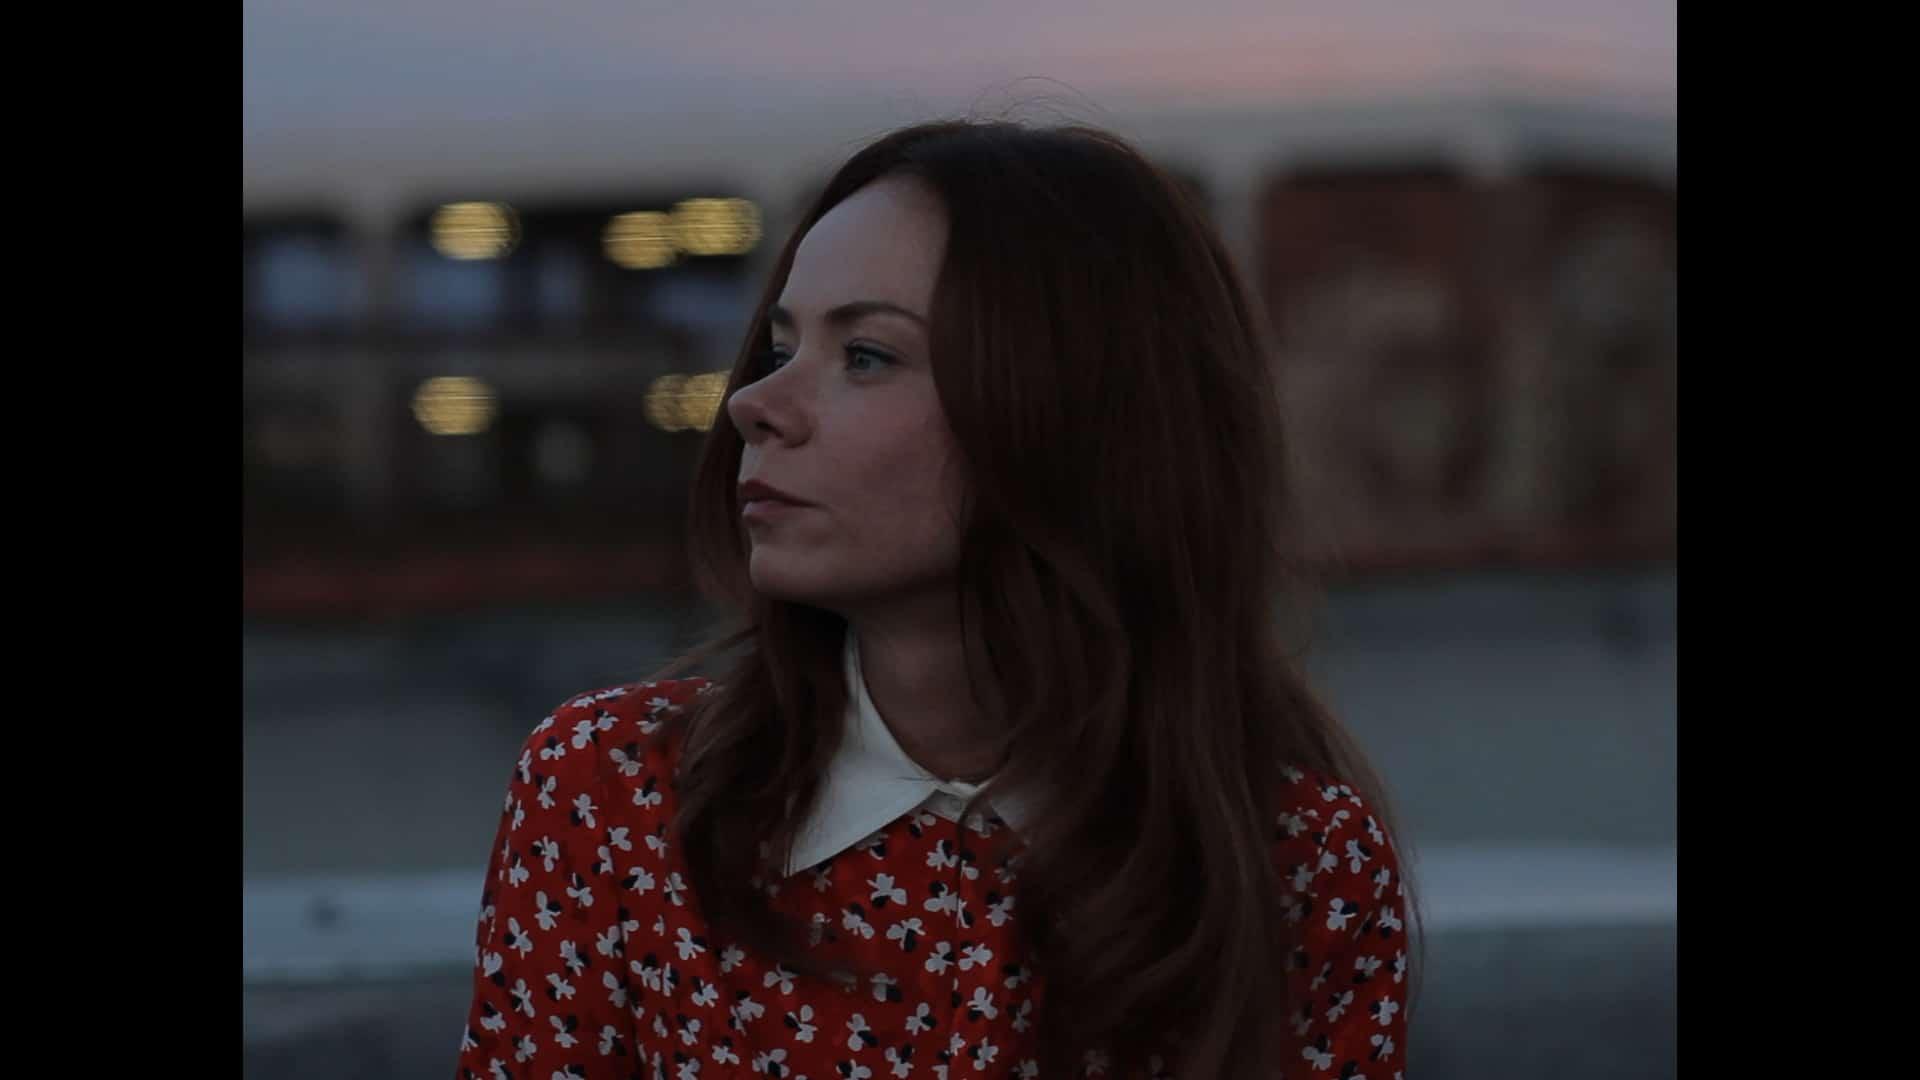 Nadia Litz 2